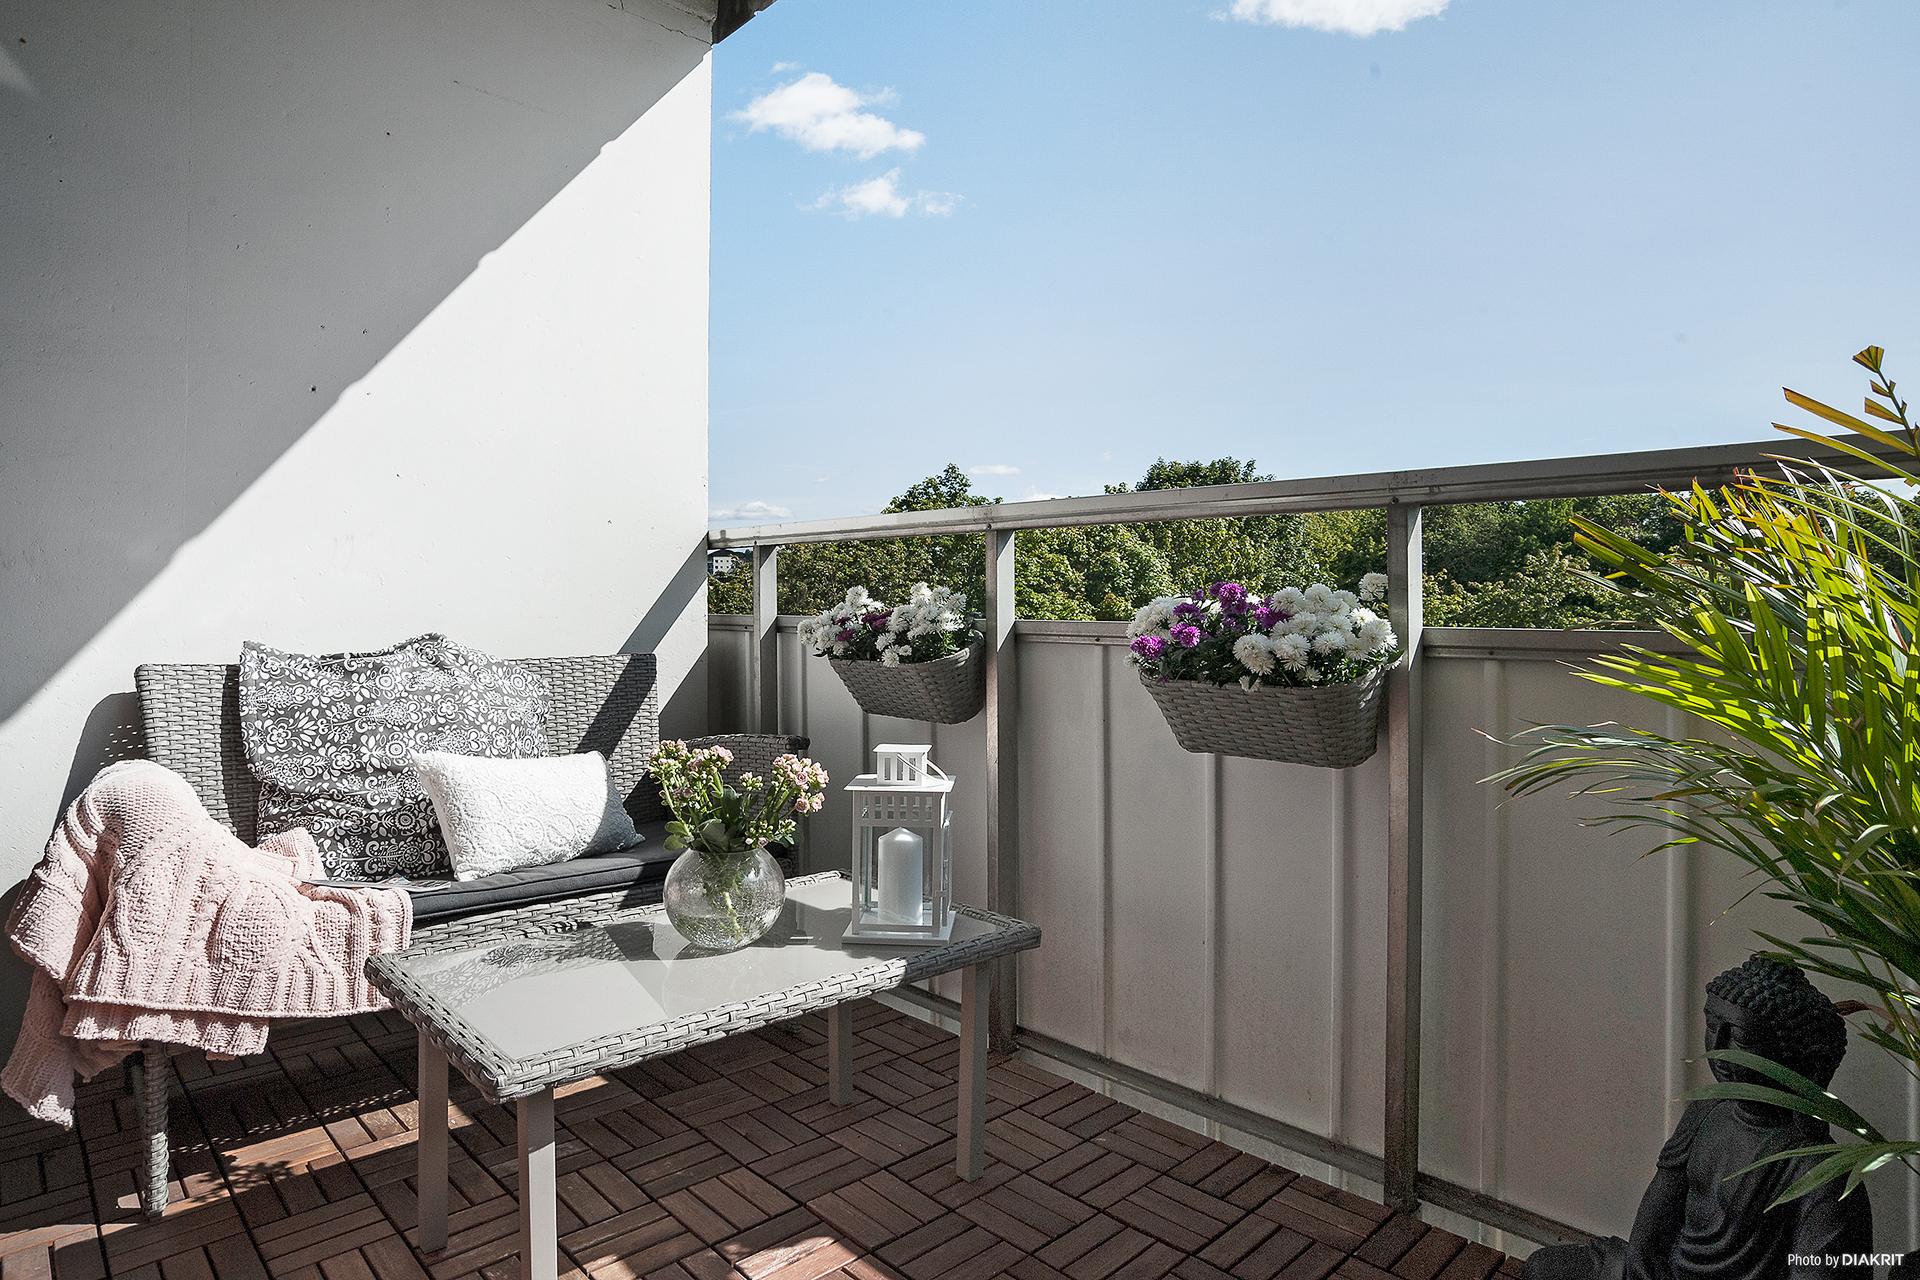 En fantastisk balkong i soligt läge.